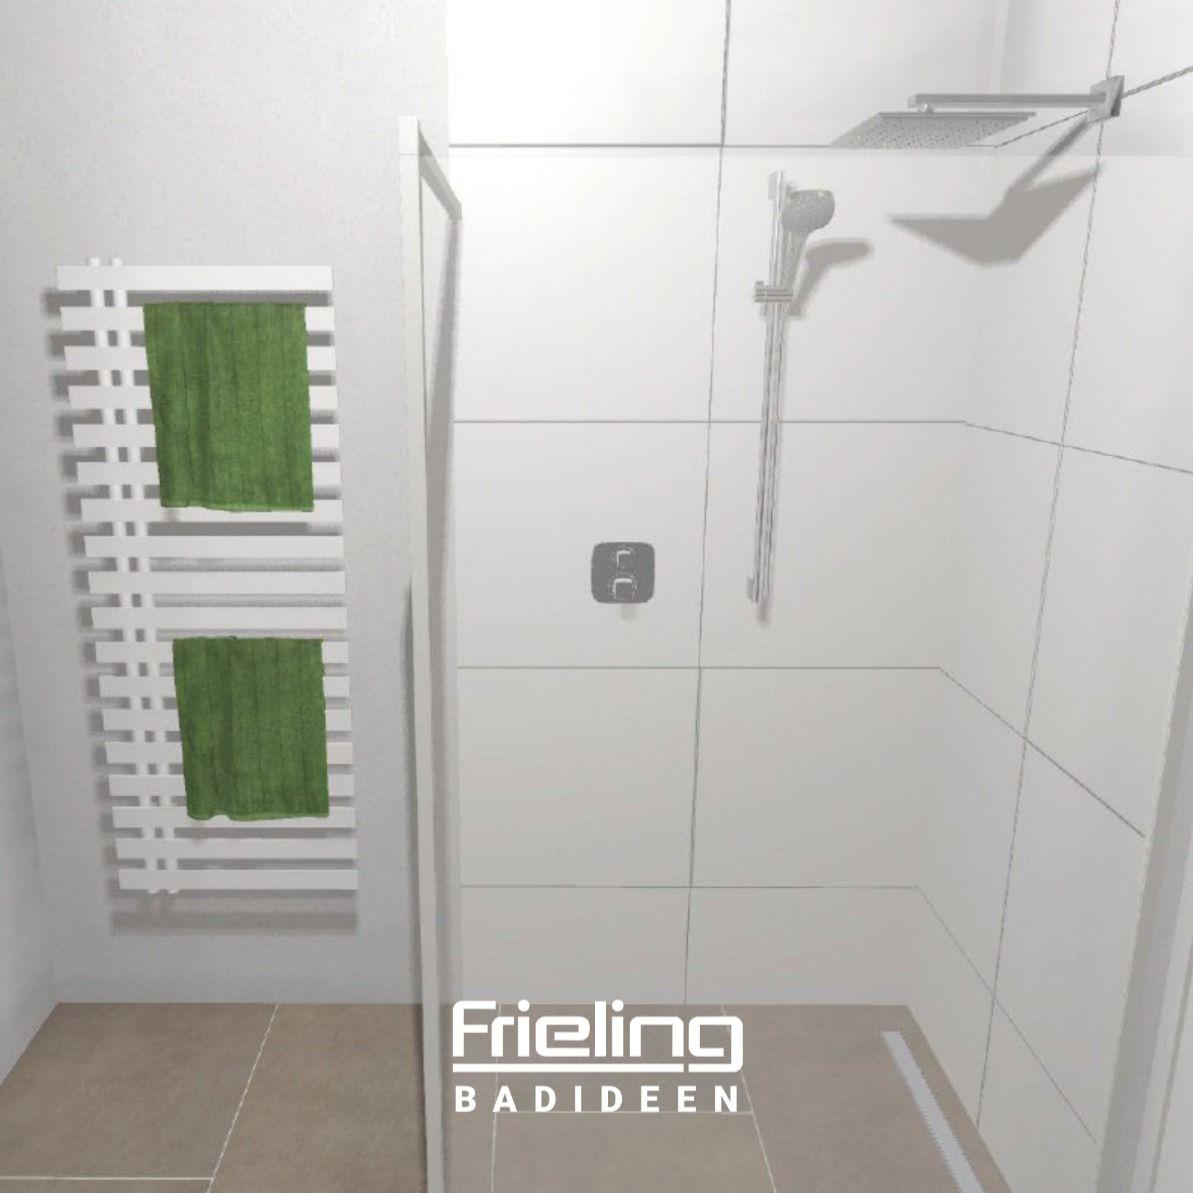 Nie Mehr Das Badezimmer Uberfluten Schnappen Sie Sich Direkt Ihr Handtuch Aus Der Dusche Und Vermeiden Sie Dadurch Plitschna Dusche Duschbad Ebenerdige Dusche